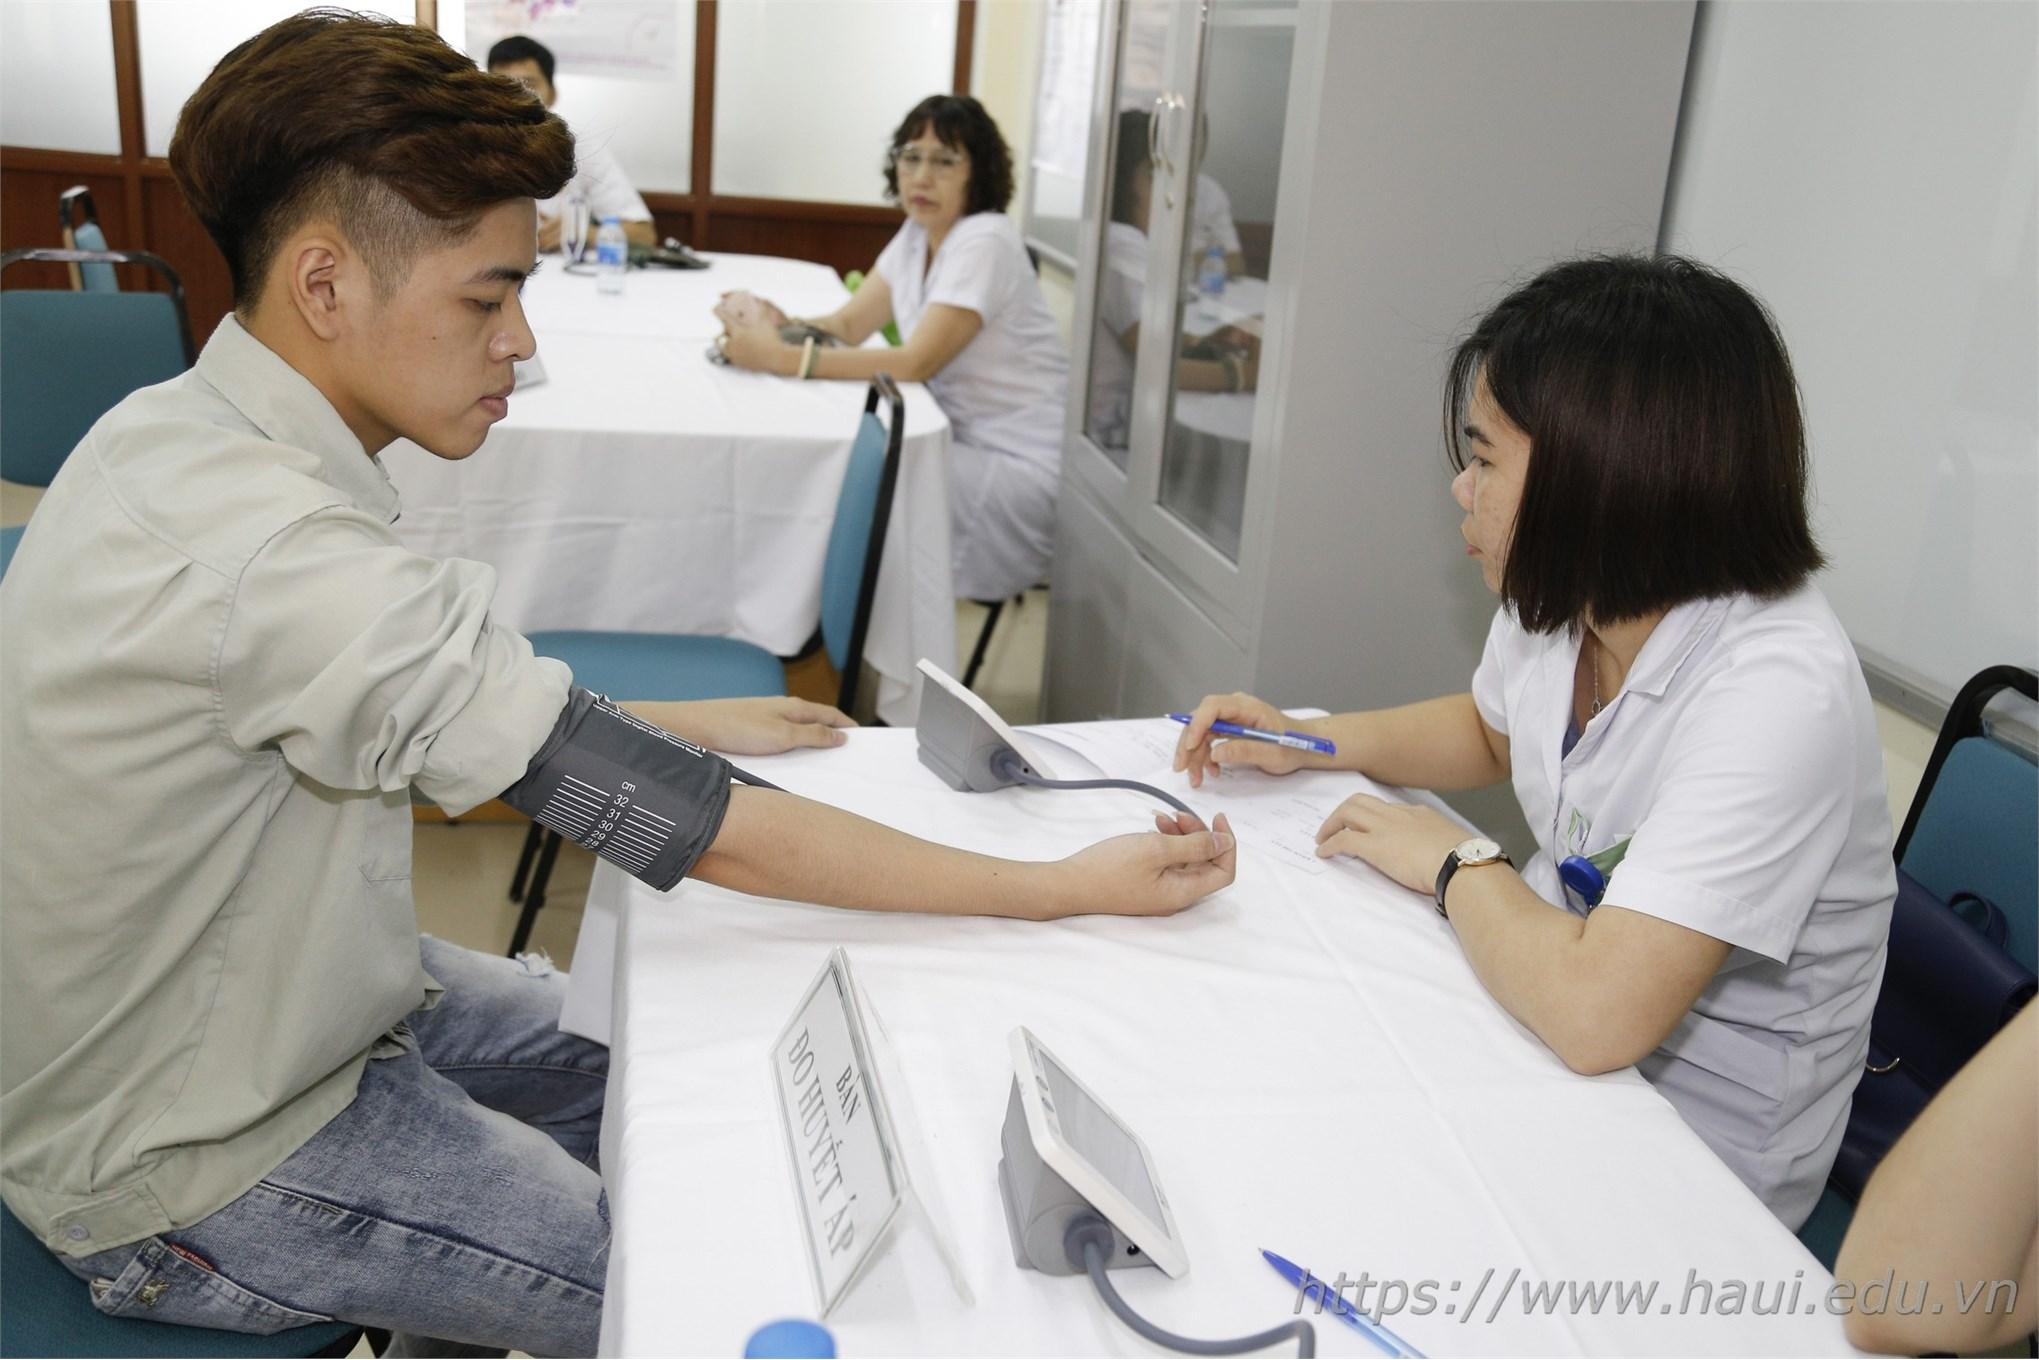 Chương trình khám sức khỏe cho sinh viên ra trường năm 2019